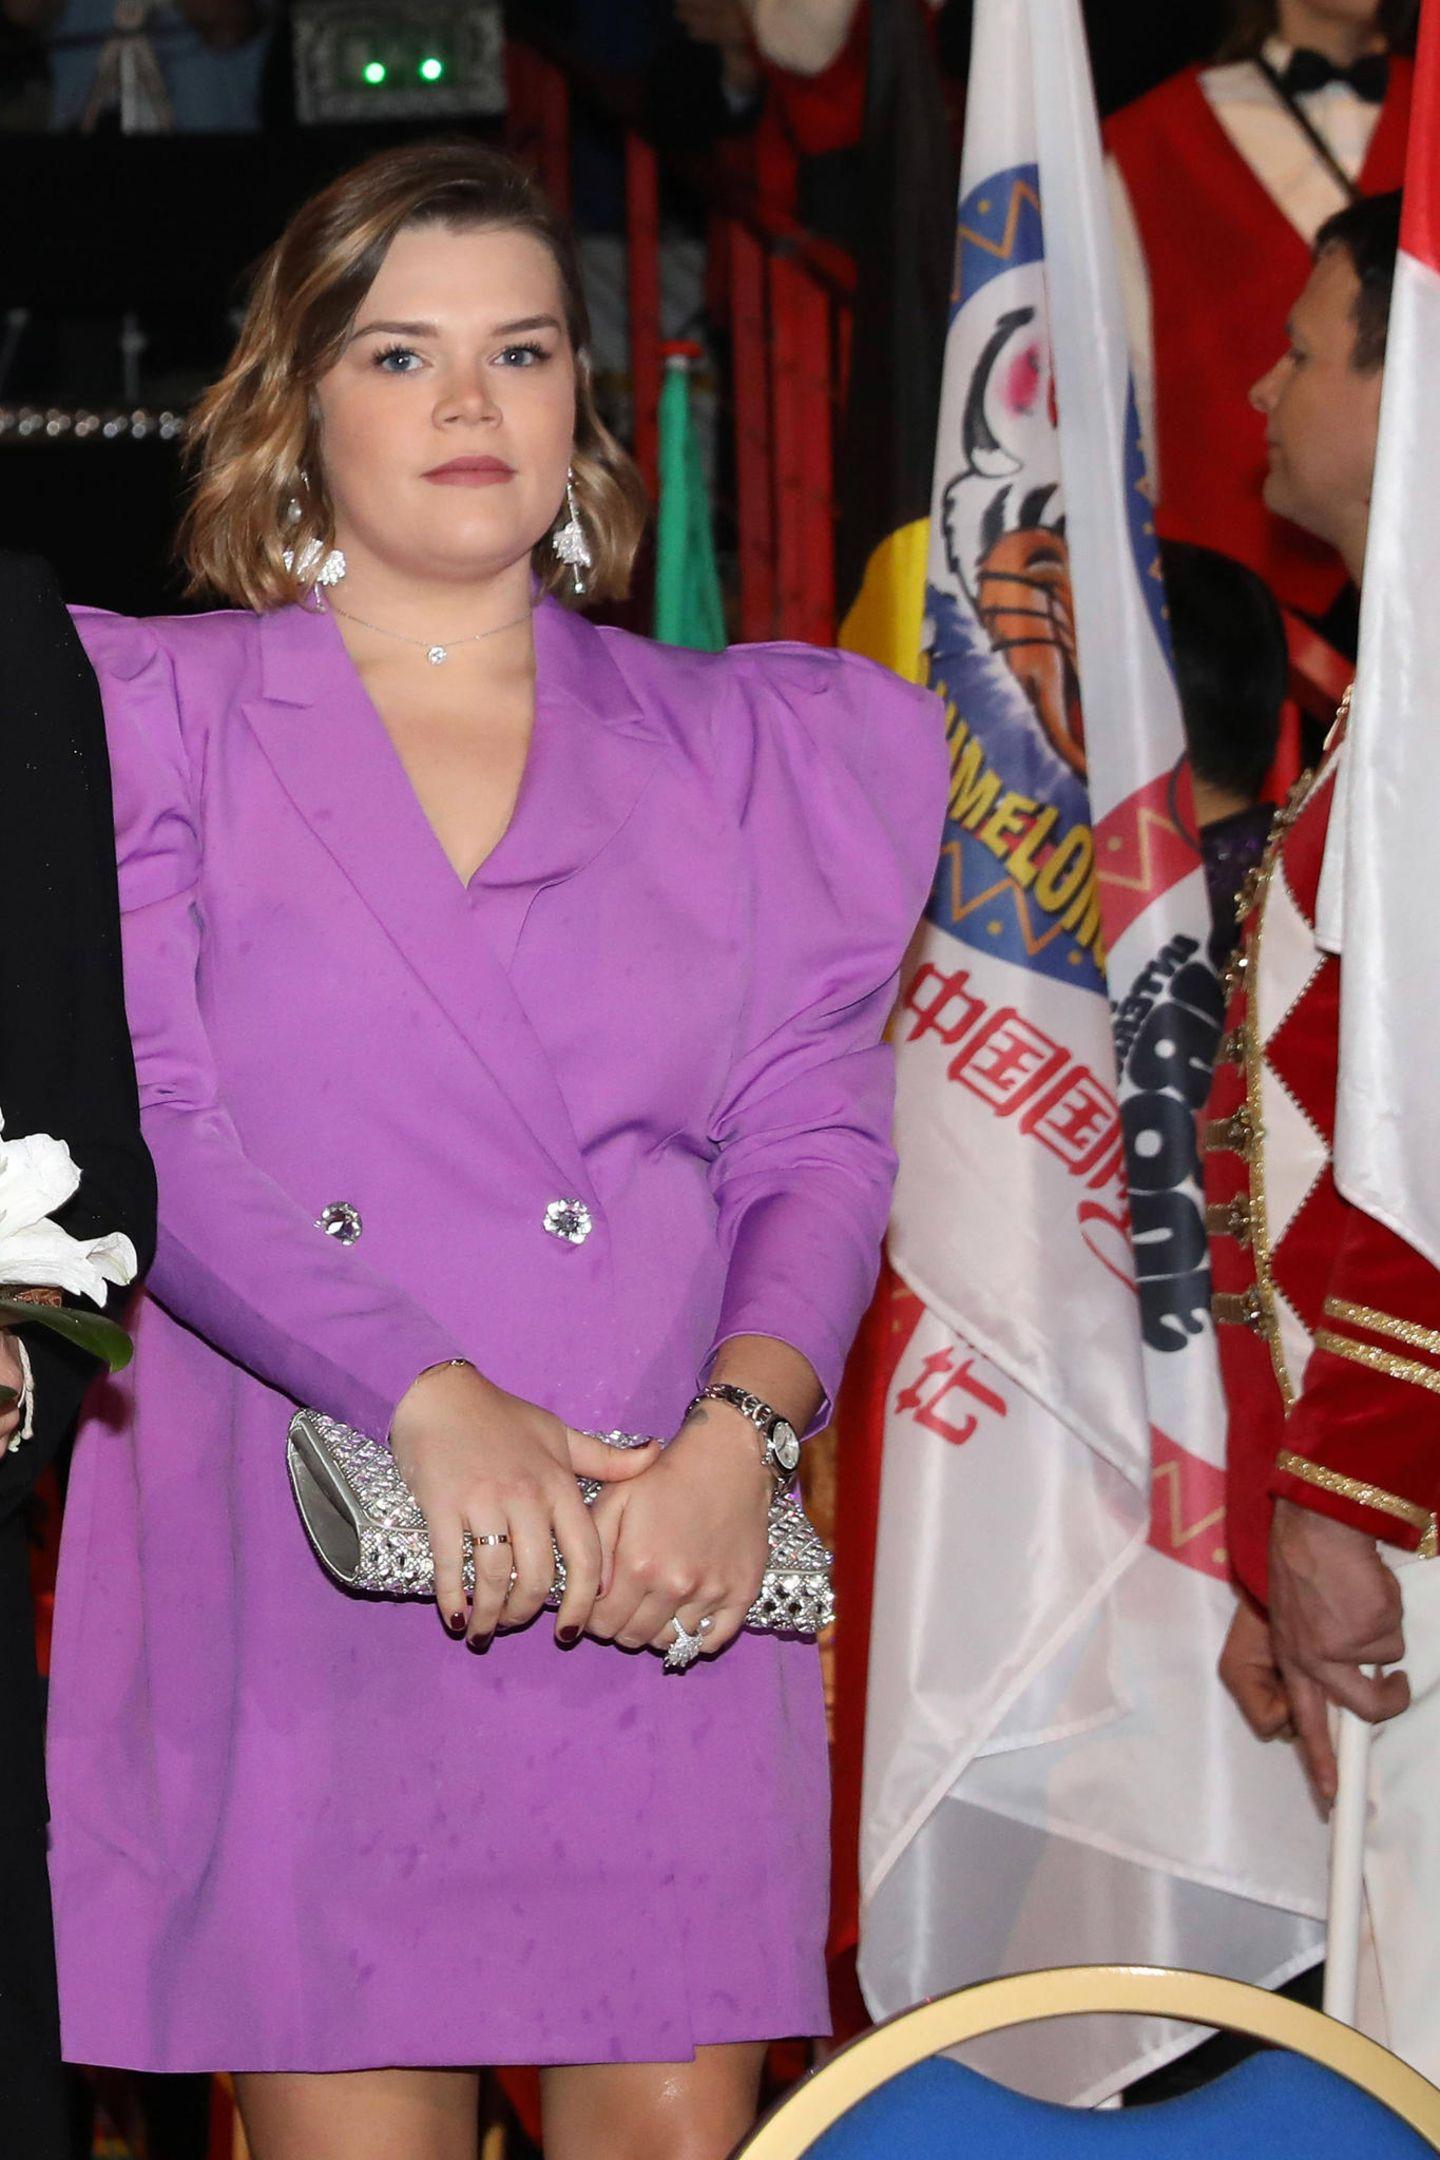 Für einen schönen Fliederton entscheidet sich Camille Gottlieb, die ihren XL-Blazer direkt als Kleid trägt und ihn zu silbernen Accessoires kombiniert.